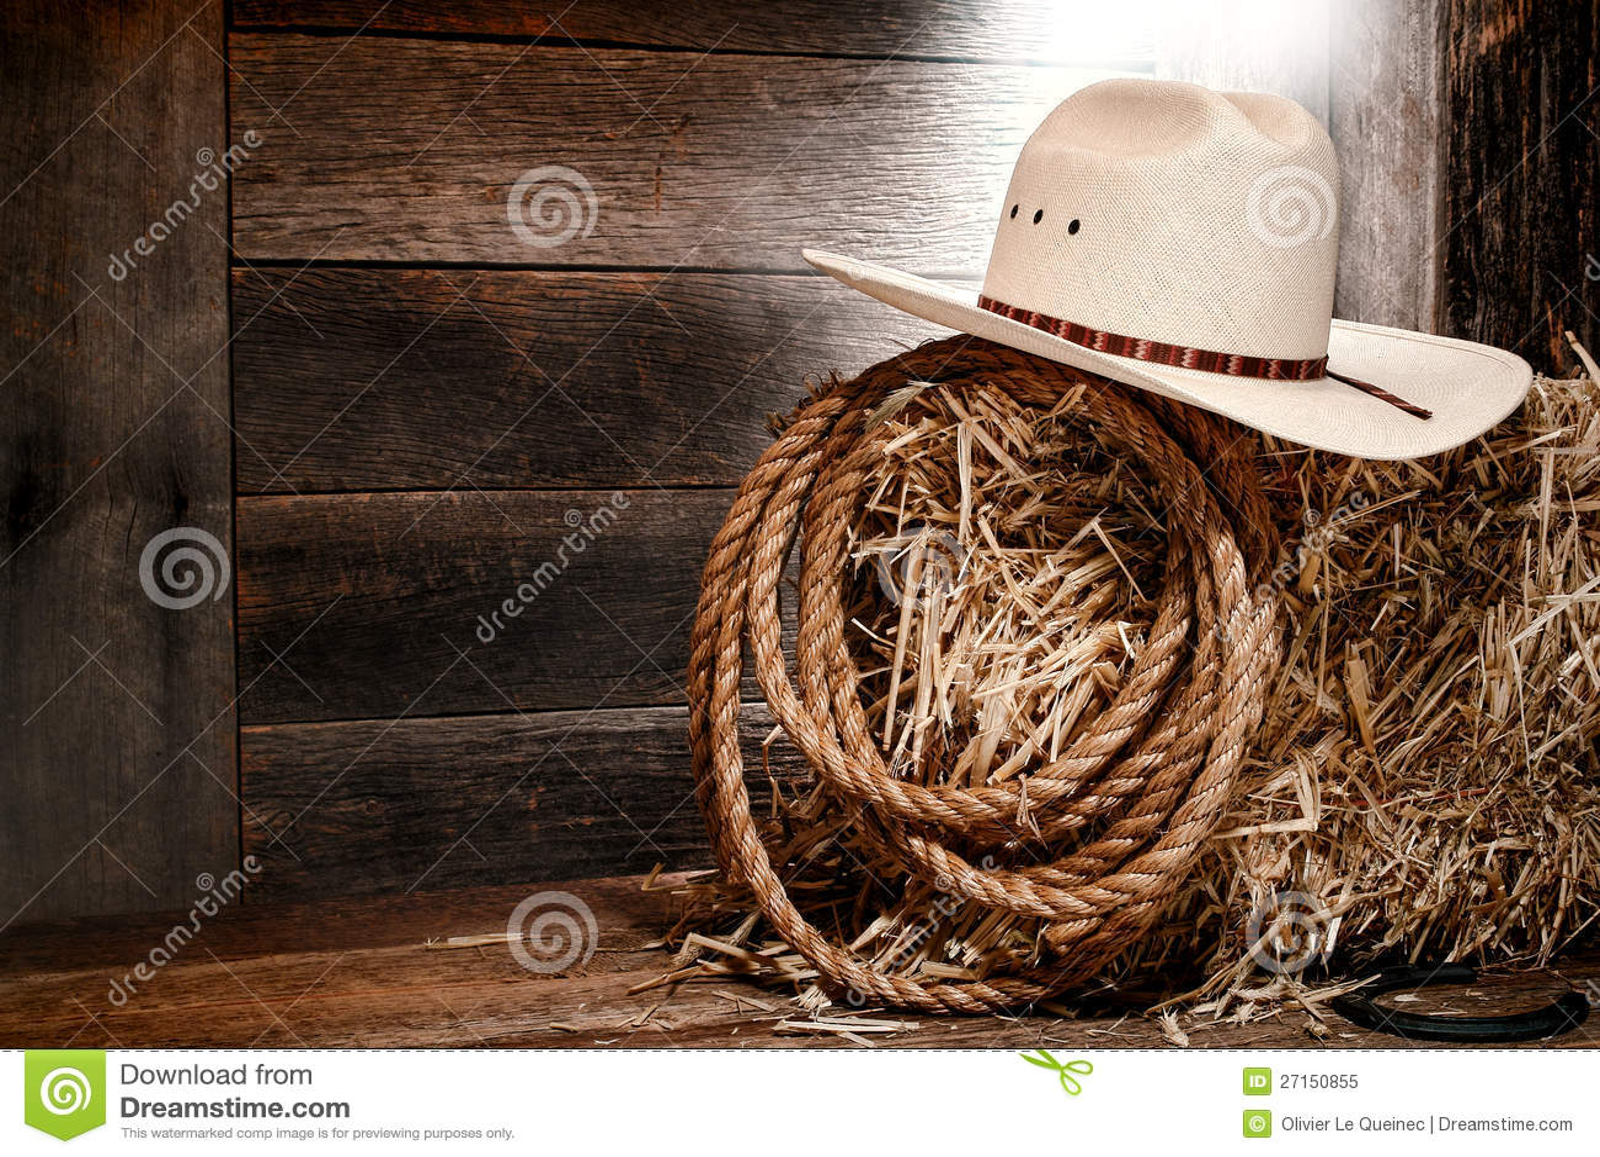 Sombrero de paja del oeste americano del vaquero del rodeo en la bala de heno